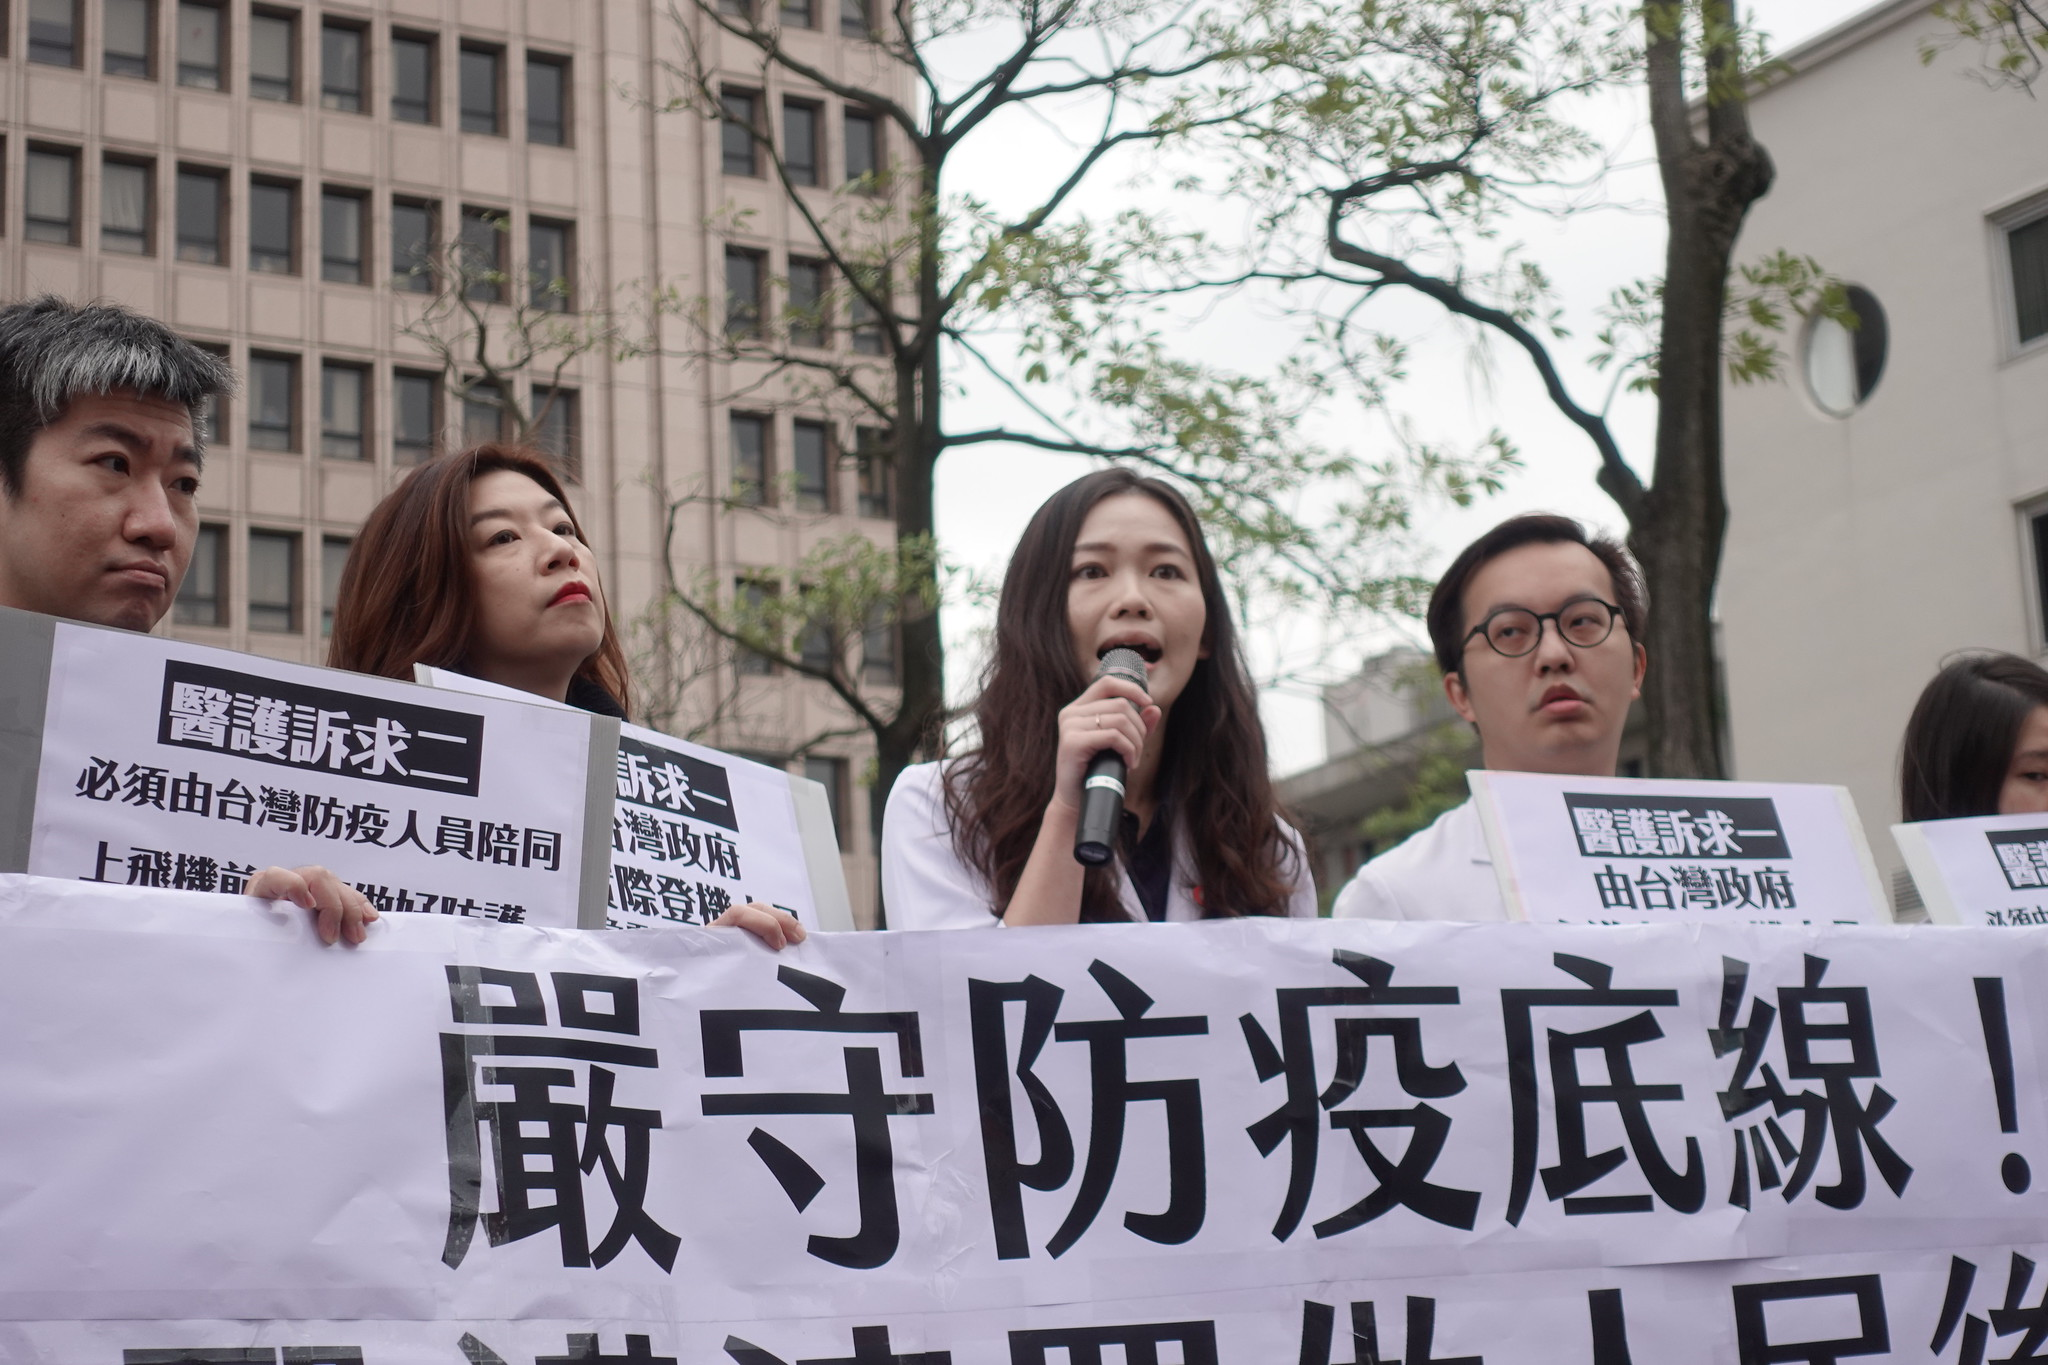 醫師吳欣岱發起反對無限制返台包機連署,獲得11萬名醫護人員響應。(攝影:張智琦)